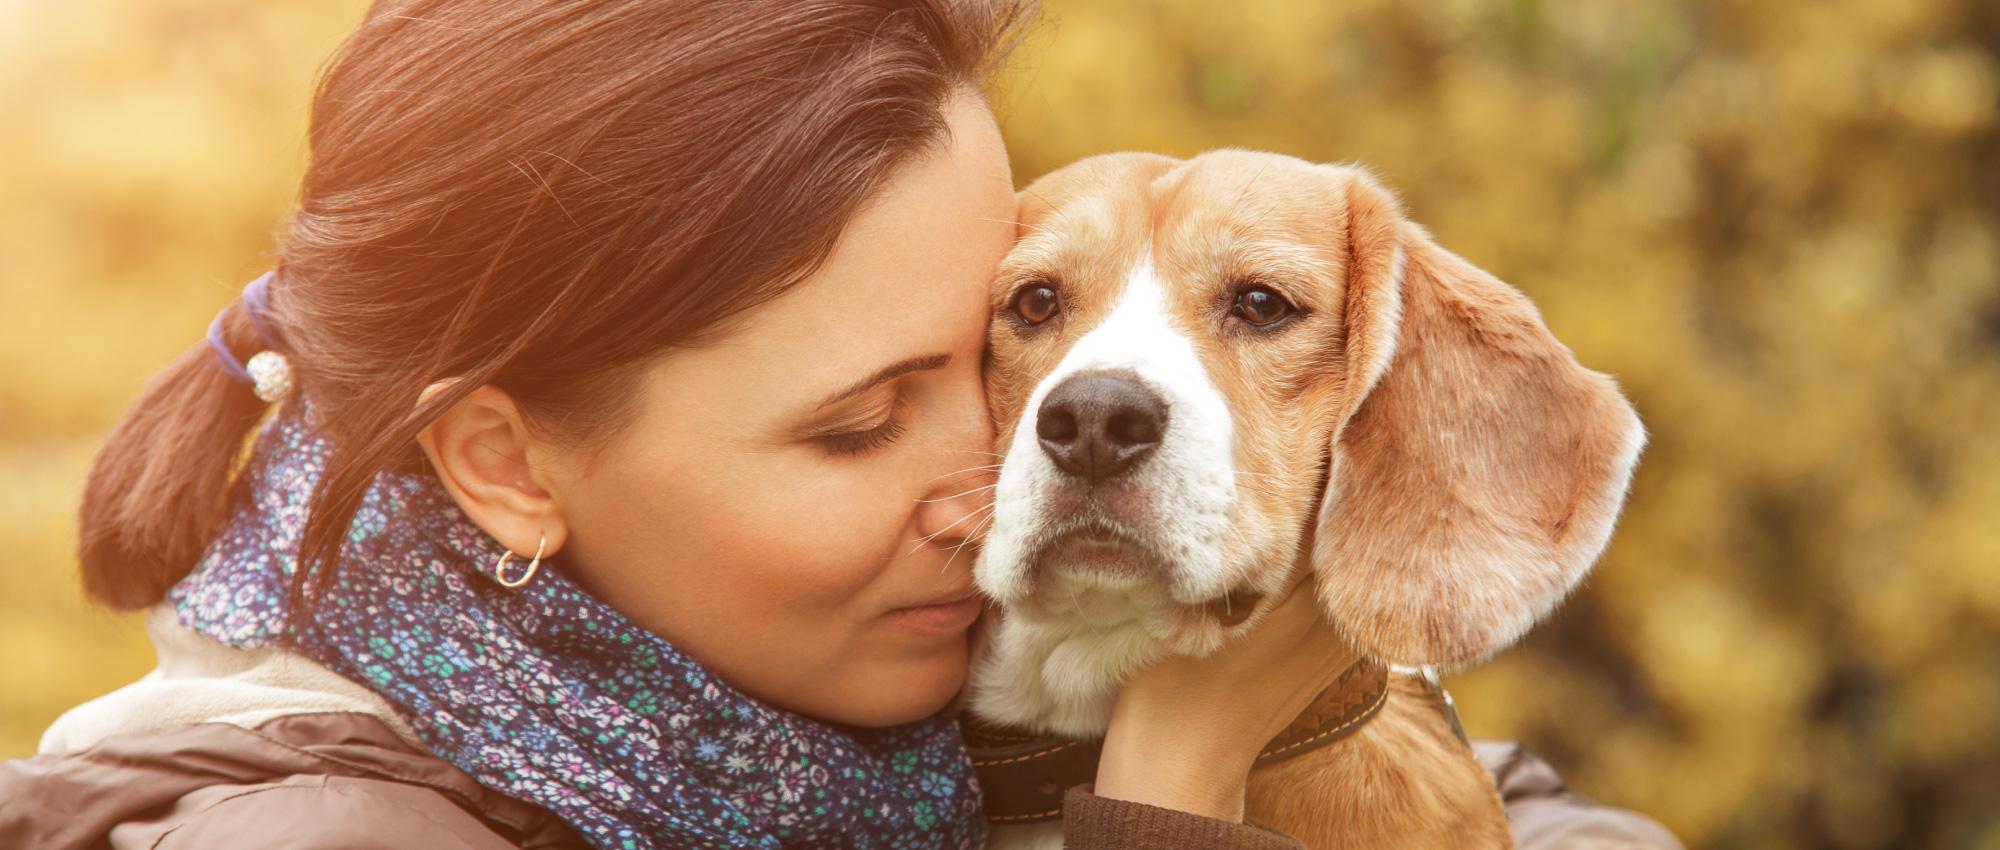 Leishmaniosis en perros: Cómo prevenir y tratar